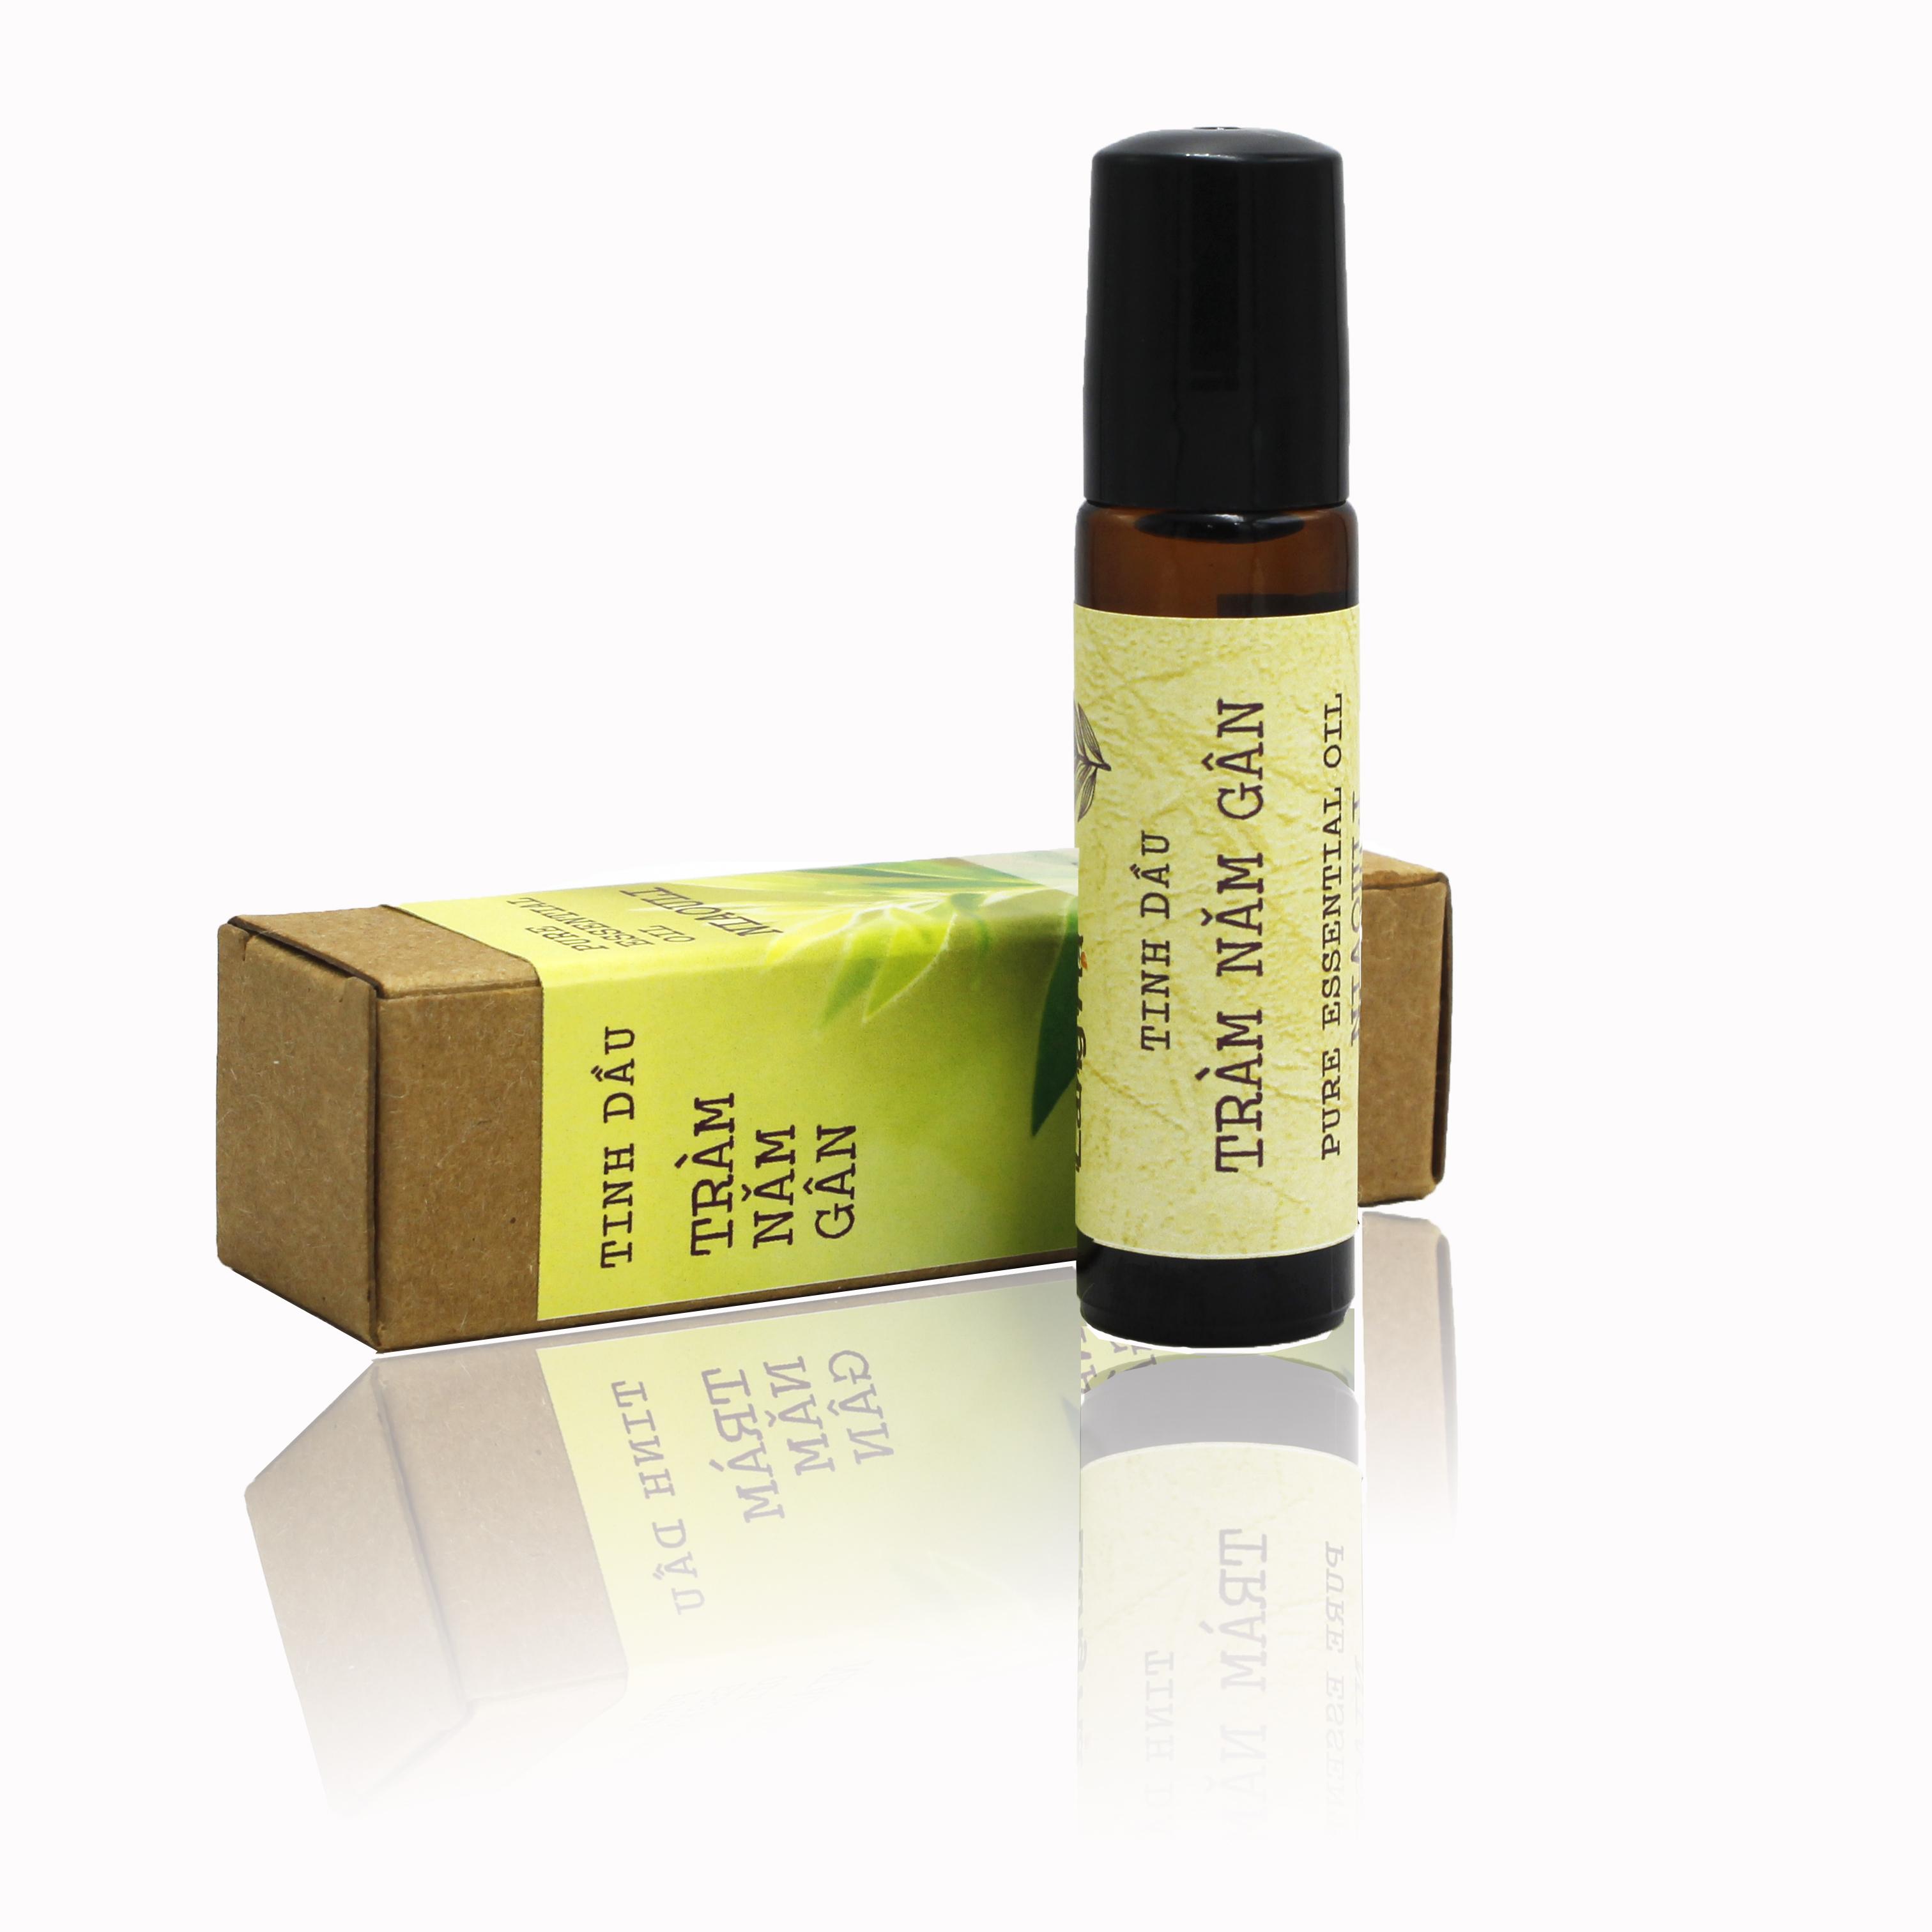 Tinh dầu Tràm 5 gân Làng Hạ 10ml (Chai bi lăn) - Tinh dầu chất lượng cao (với nguồn giống từ Úc), Giảm triệu chứng nghẹt mũi, muỗi đốt.